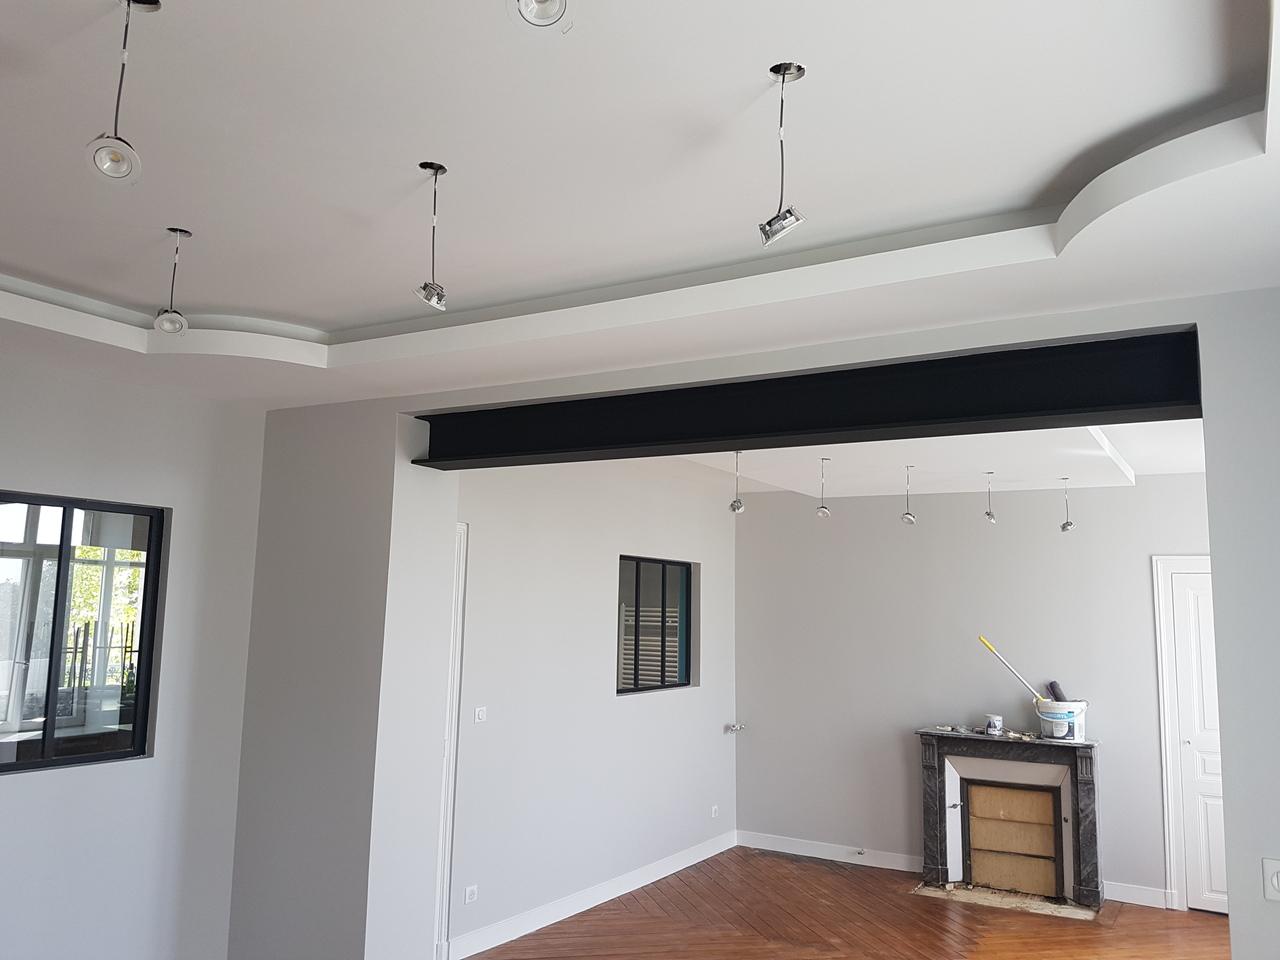 isolation plafond appartement elegant isolation phonique plafond appartement isolation phonique. Black Bedroom Furniture Sets. Home Design Ideas